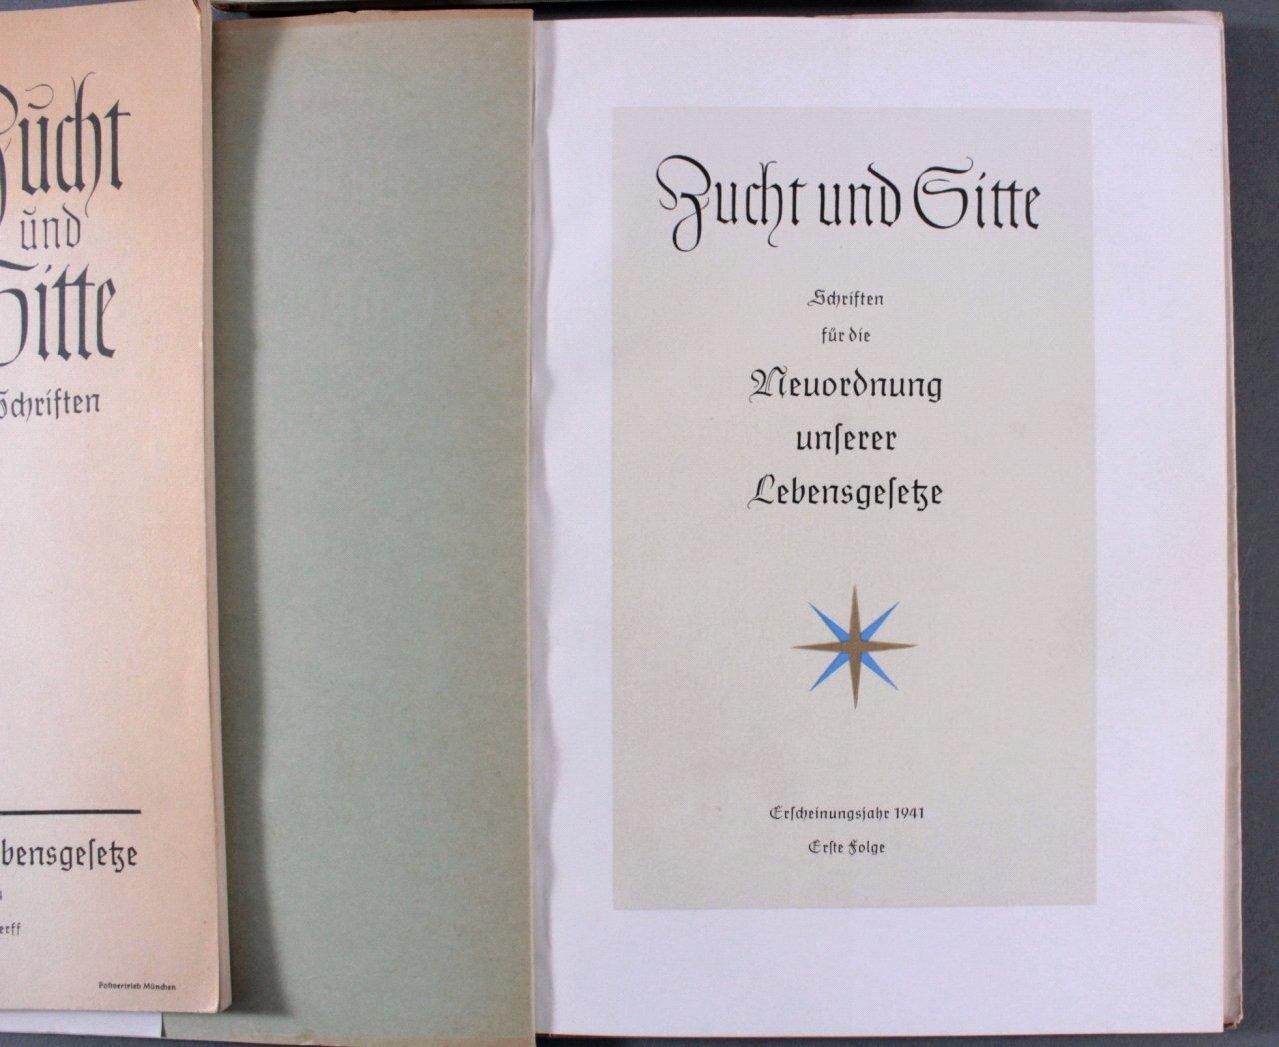 Drittes Reich Propaganda, Zucht und Sitte Schriften-1